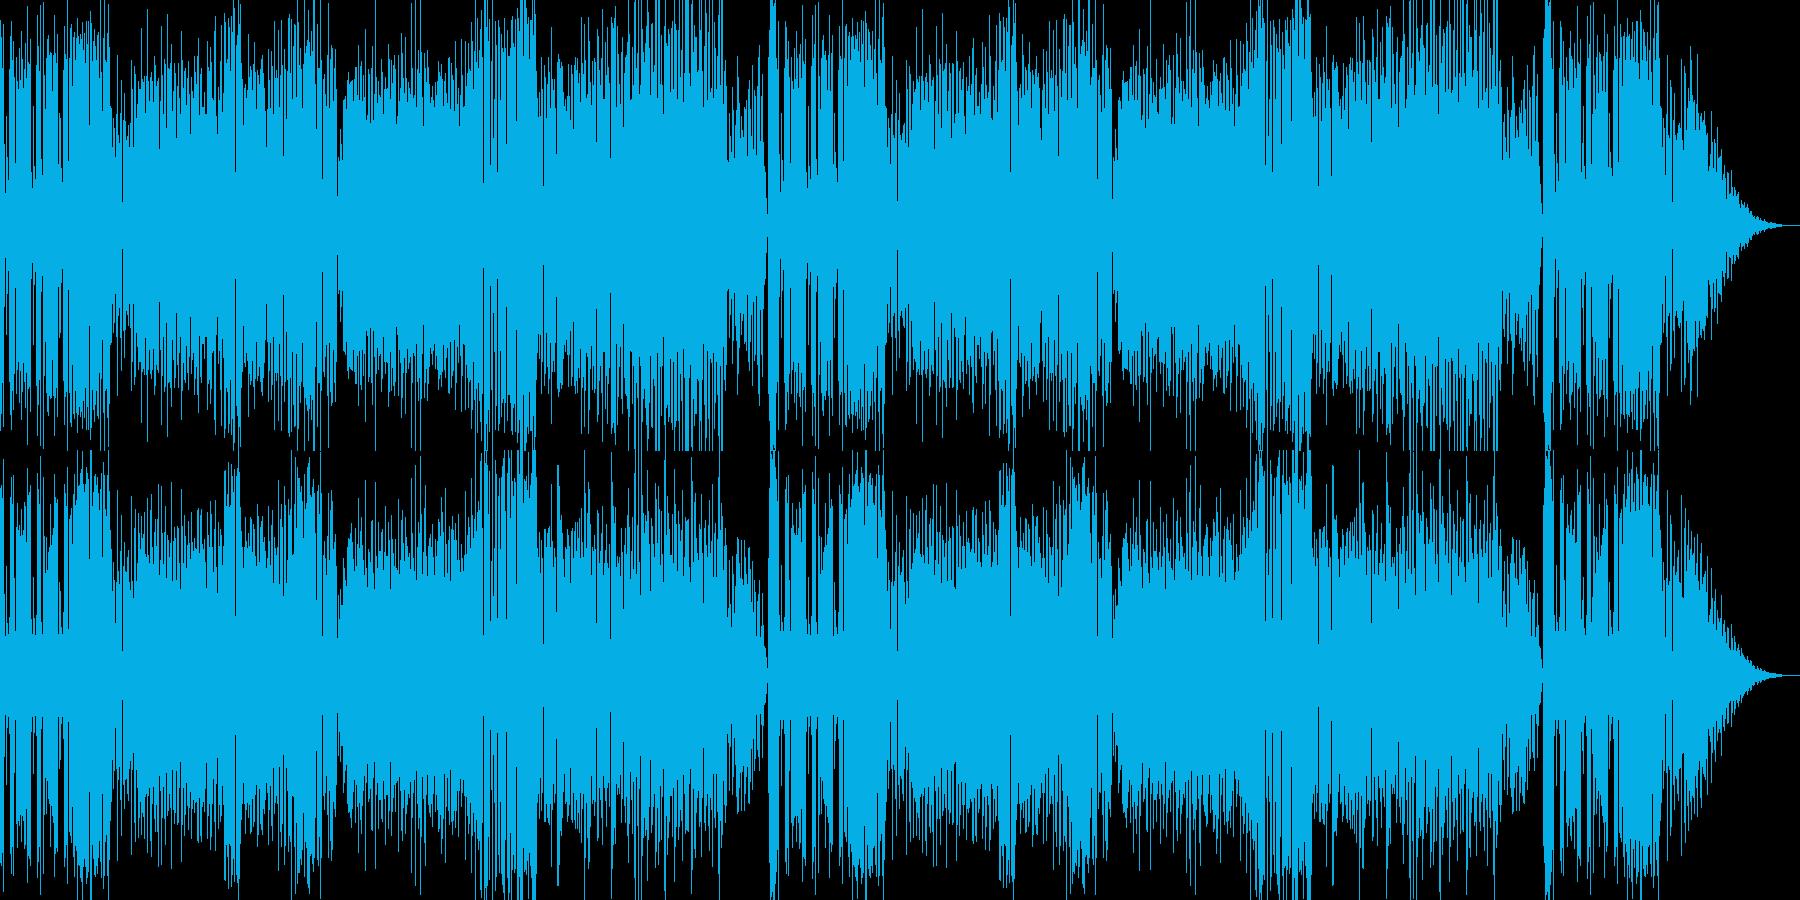 スウィングジャズ風ビッグバンドの再生済みの波形